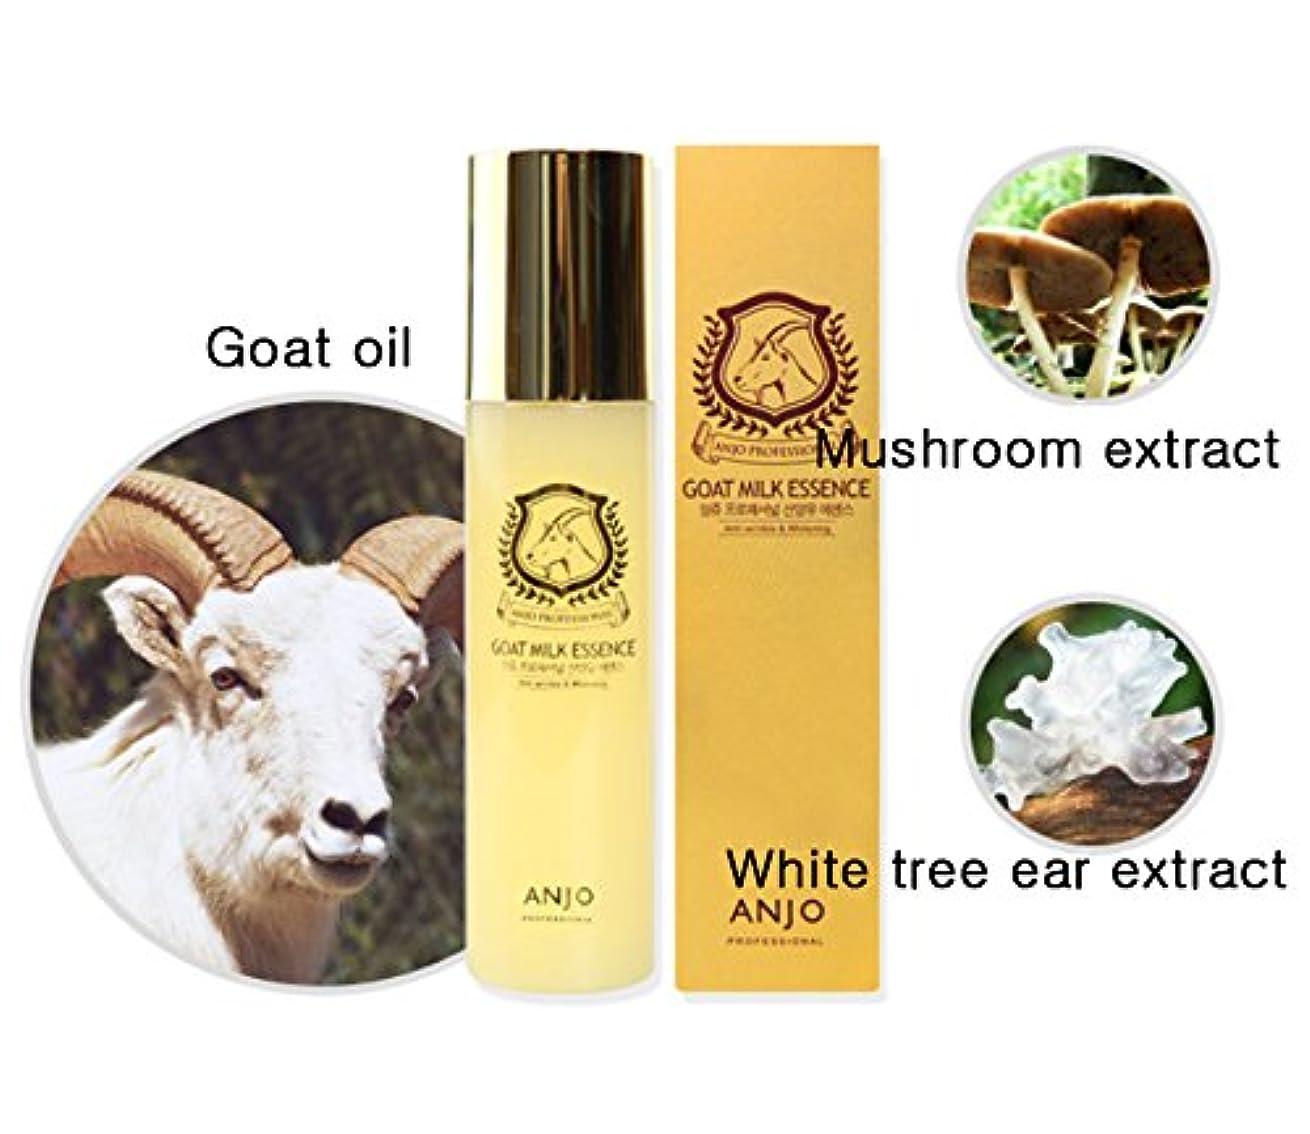 請求テスト怒って[ANJO] ヤギミルクエッセンス150ml /ミネラルウォーター/ホワイトニング、保湿、スキンケア / Goat Milk Essence 150ml / Mineral Water / Whitening, Moisturizing, Skin improvement / 韓国化粧品 / Korean cosmetics [並行輸入品]